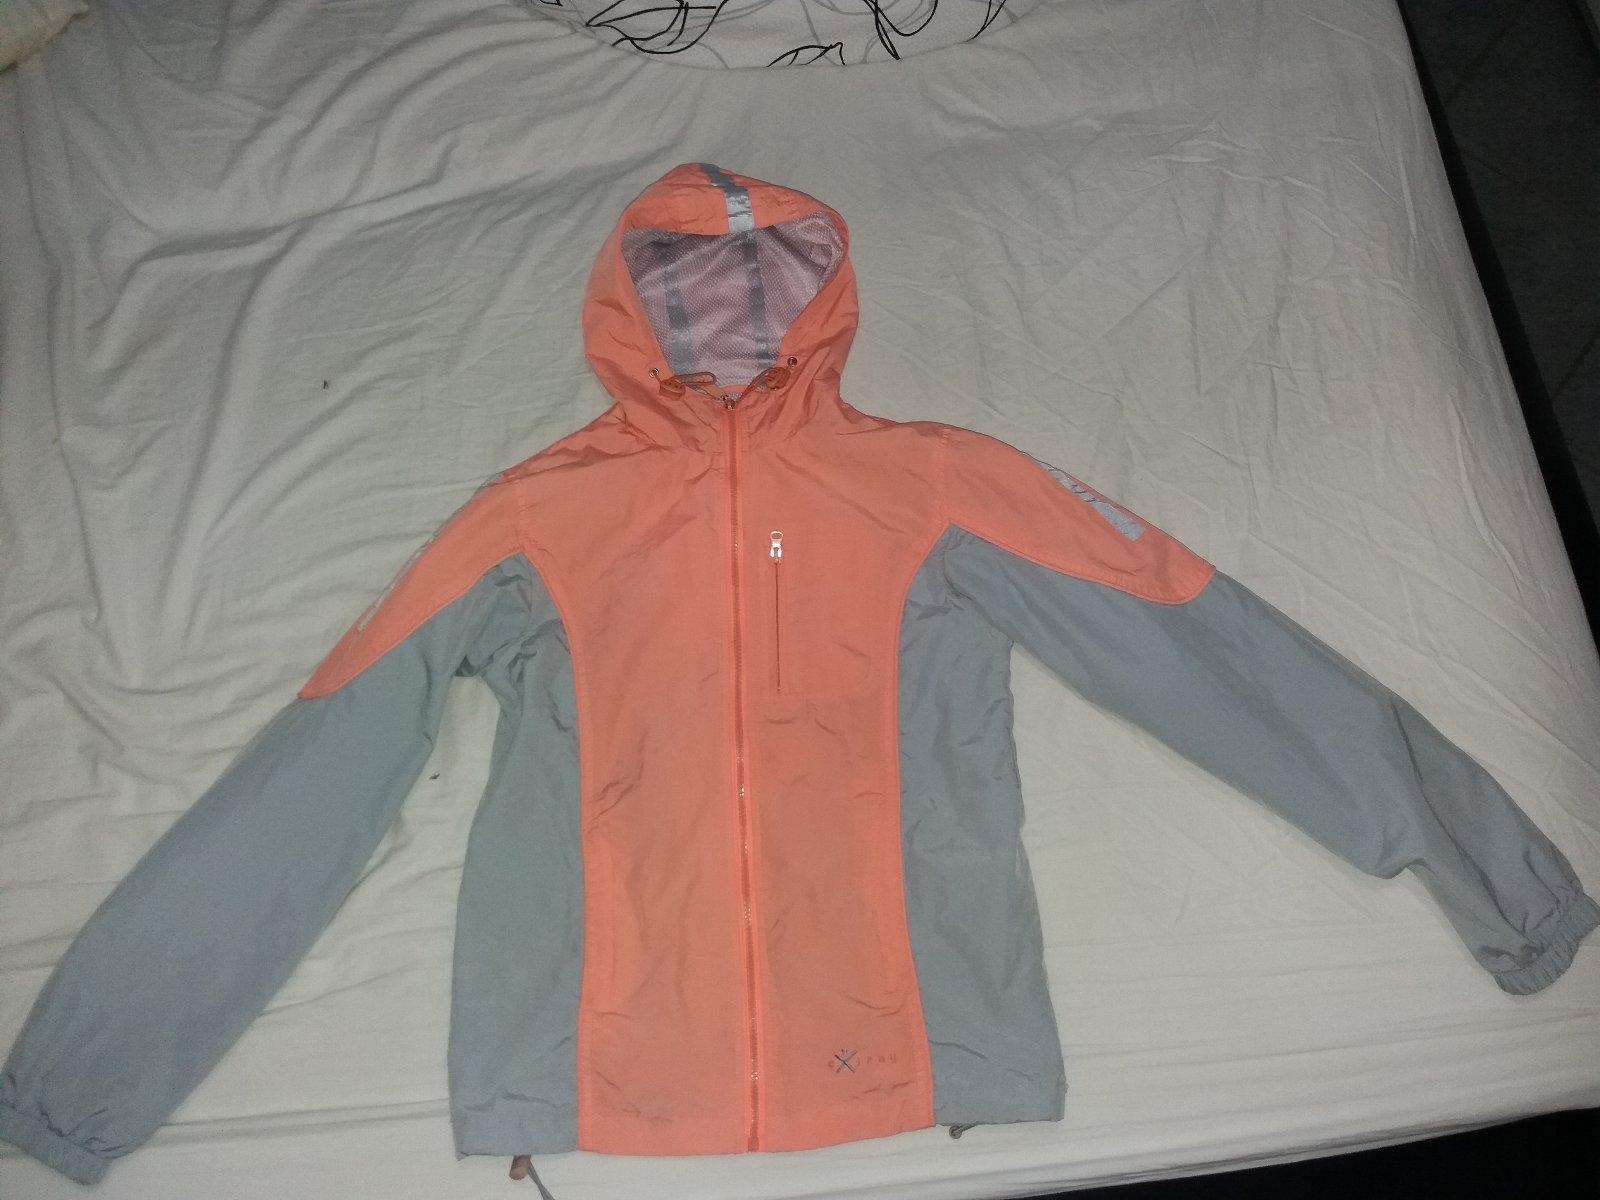 Dámska športová bunda exyray č. xs 66a2fb8851e